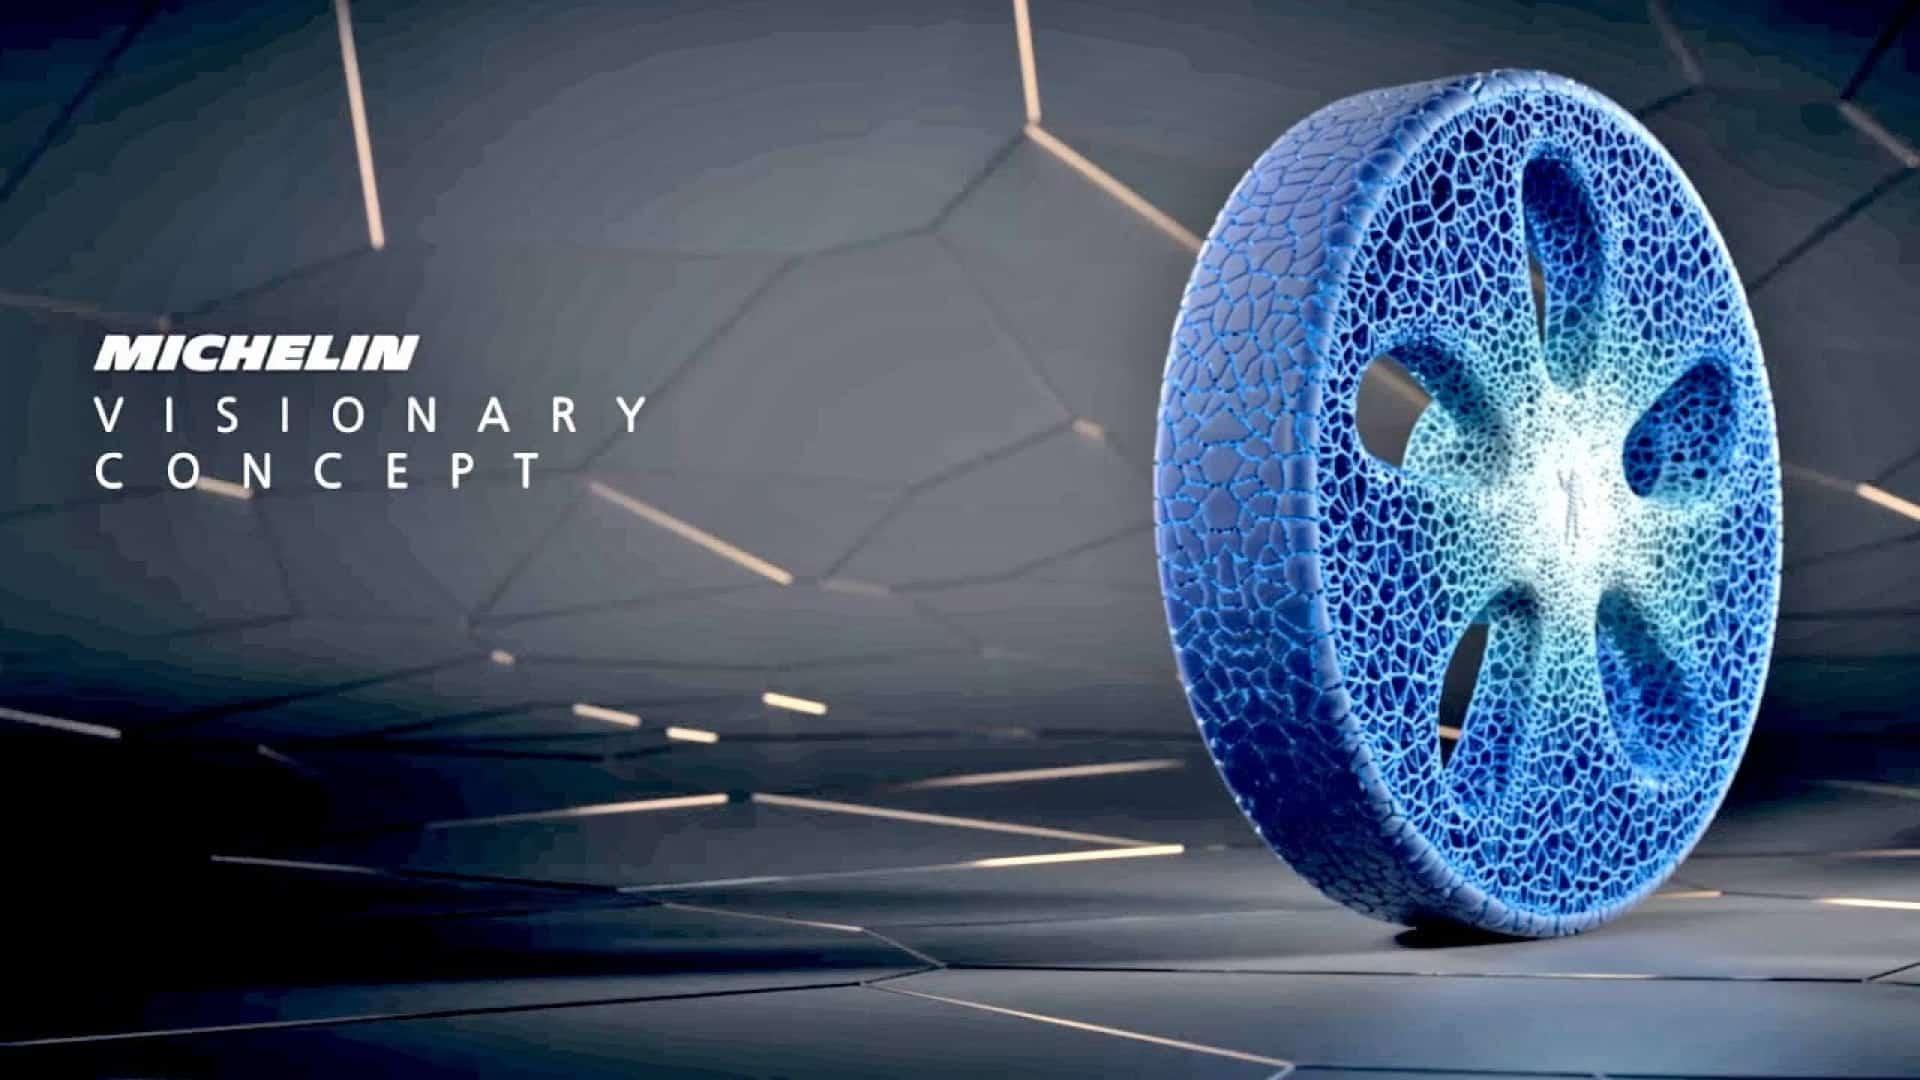 Michelin prevê lançamento de pneus feitos de madeira em dois anos | MaisTecnologia